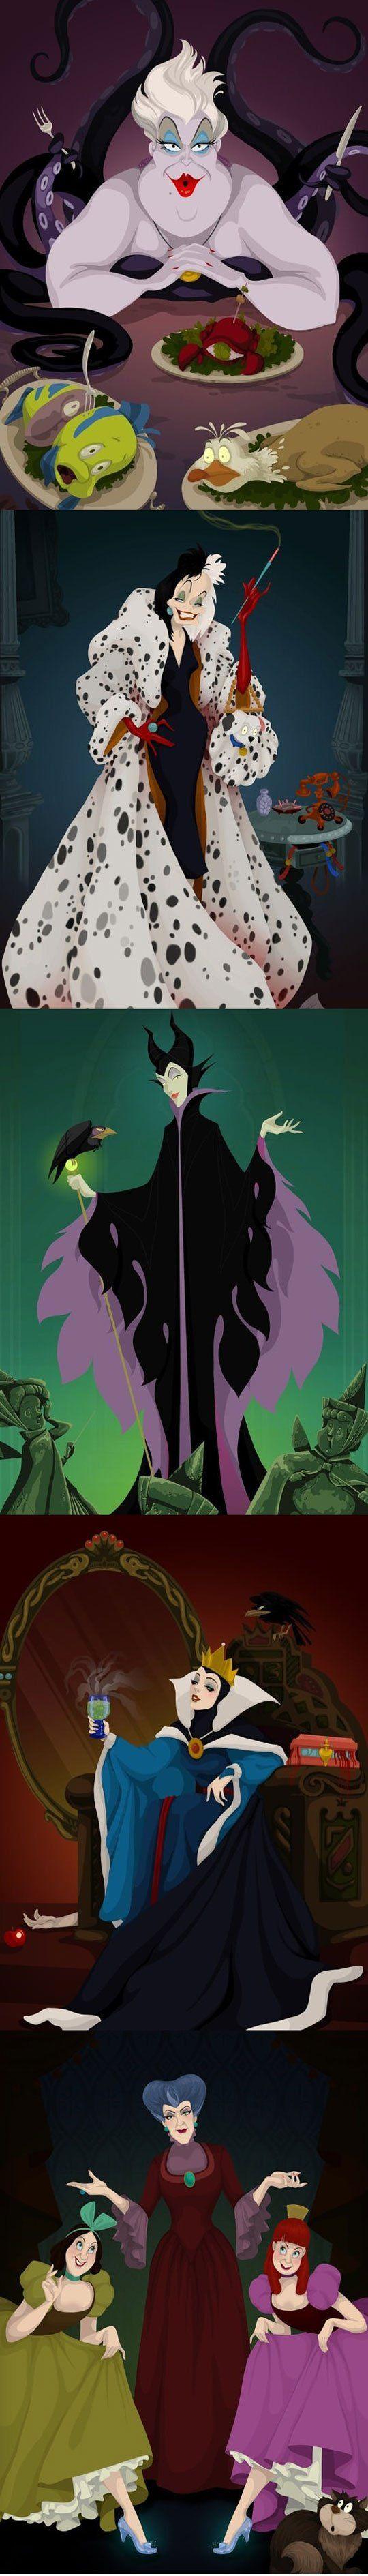 Disney Villain endings. These are kinda horrifying!